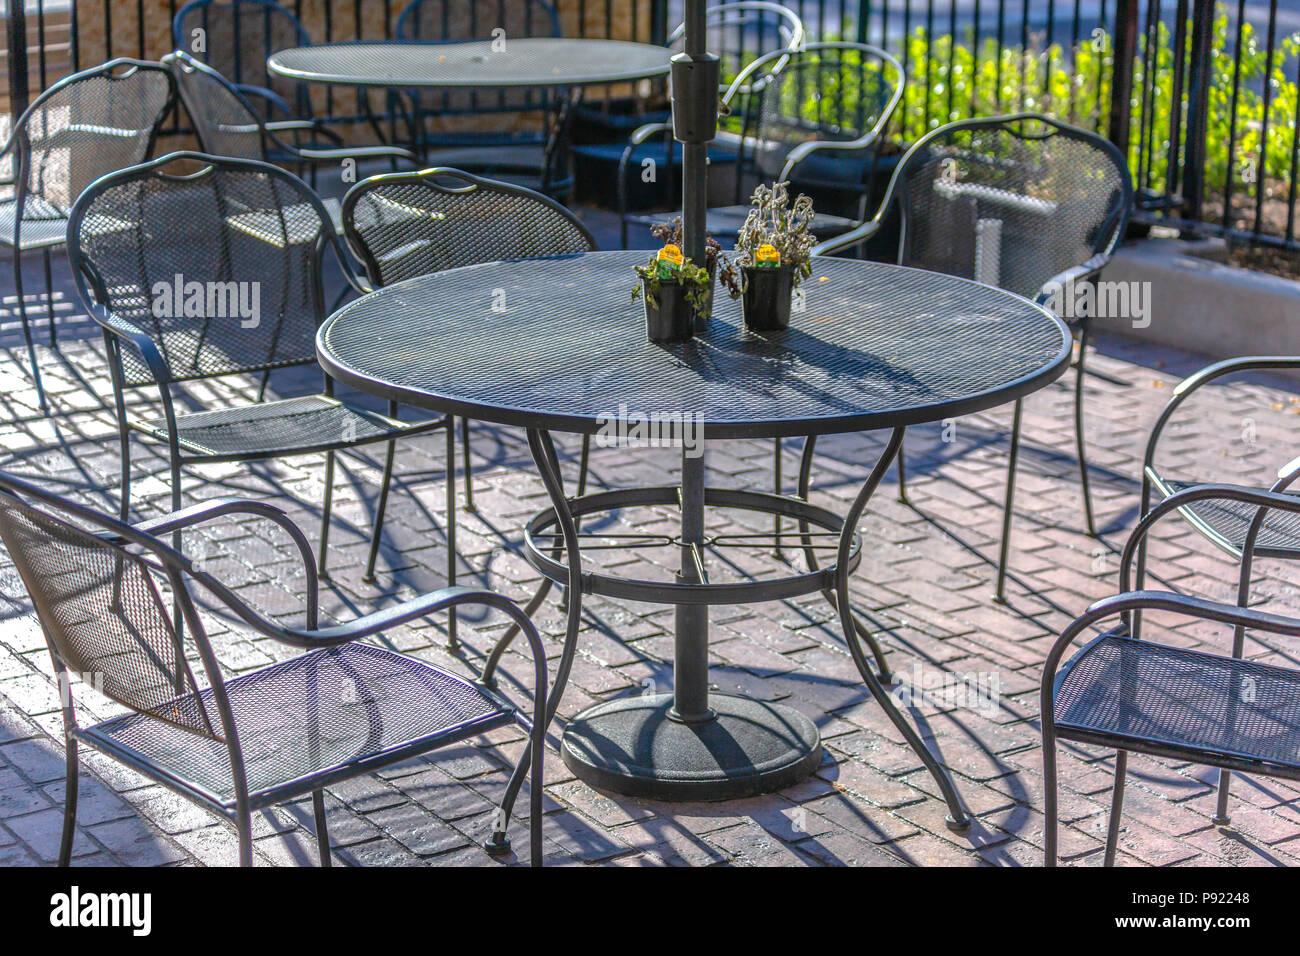 Tisch und Stühle Draußen Stockfotos und bilder Kaufen Alamy